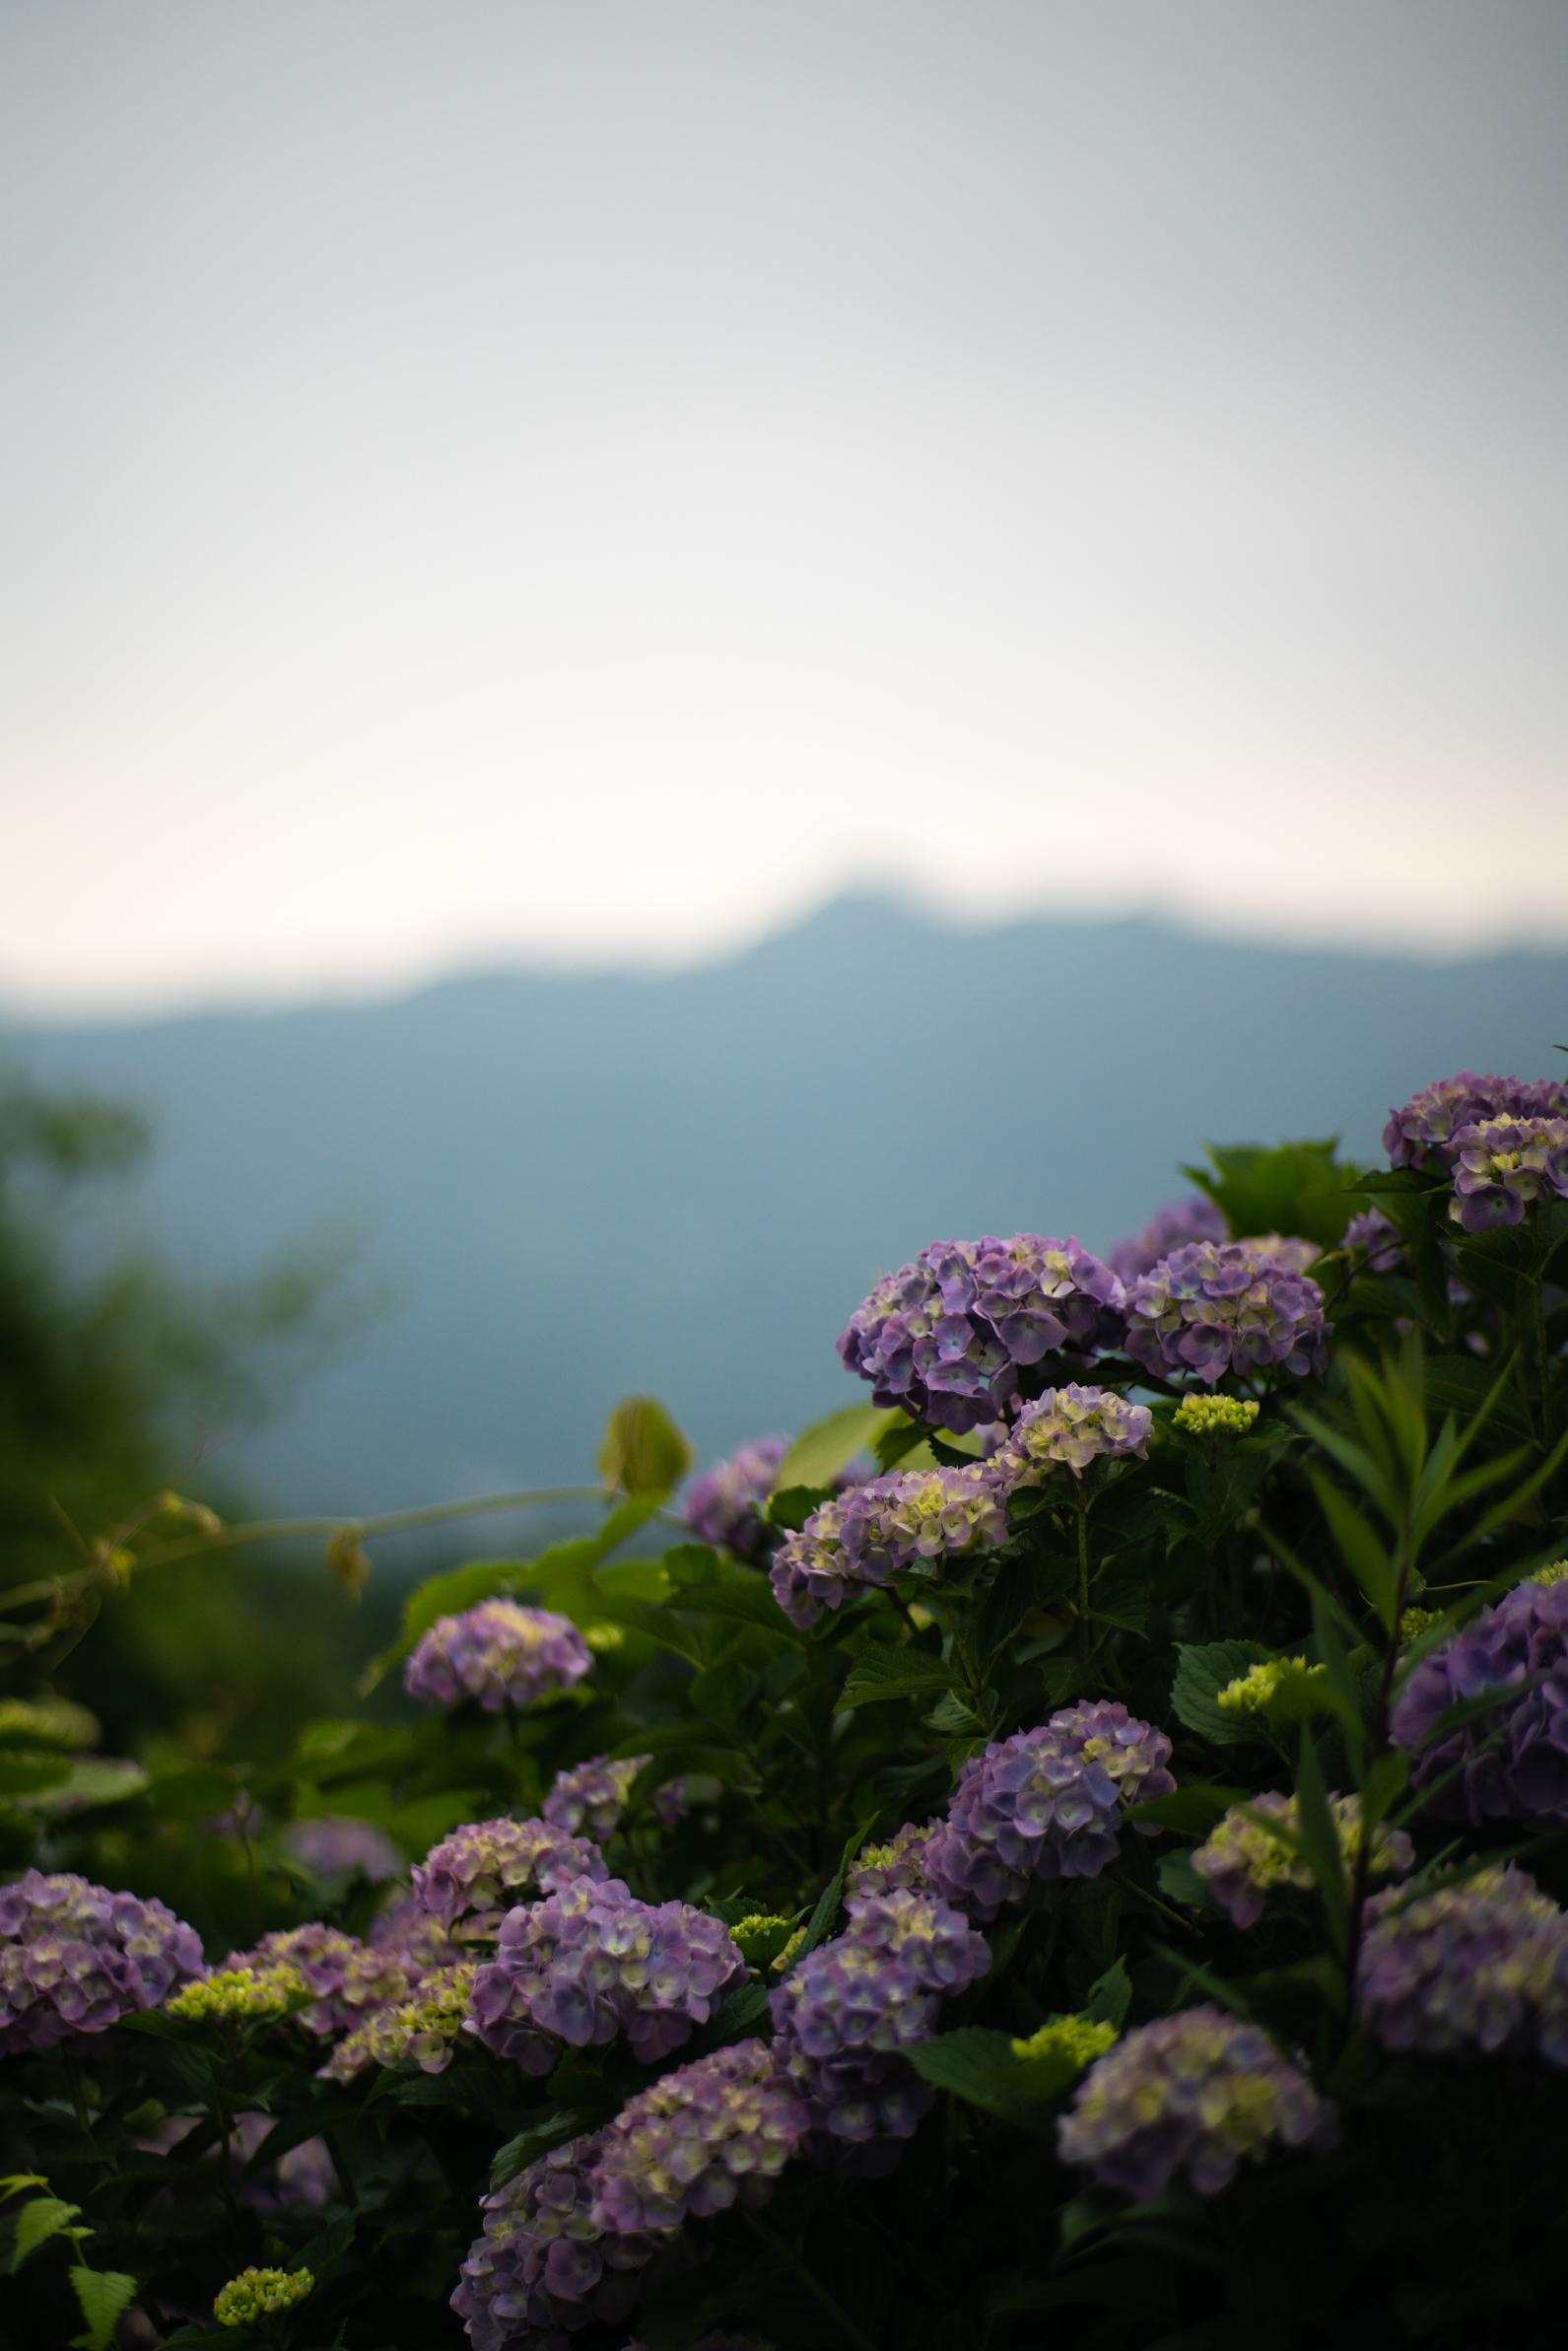 2020.06.21 秩父美の山公園 紫陽花-25.jpg